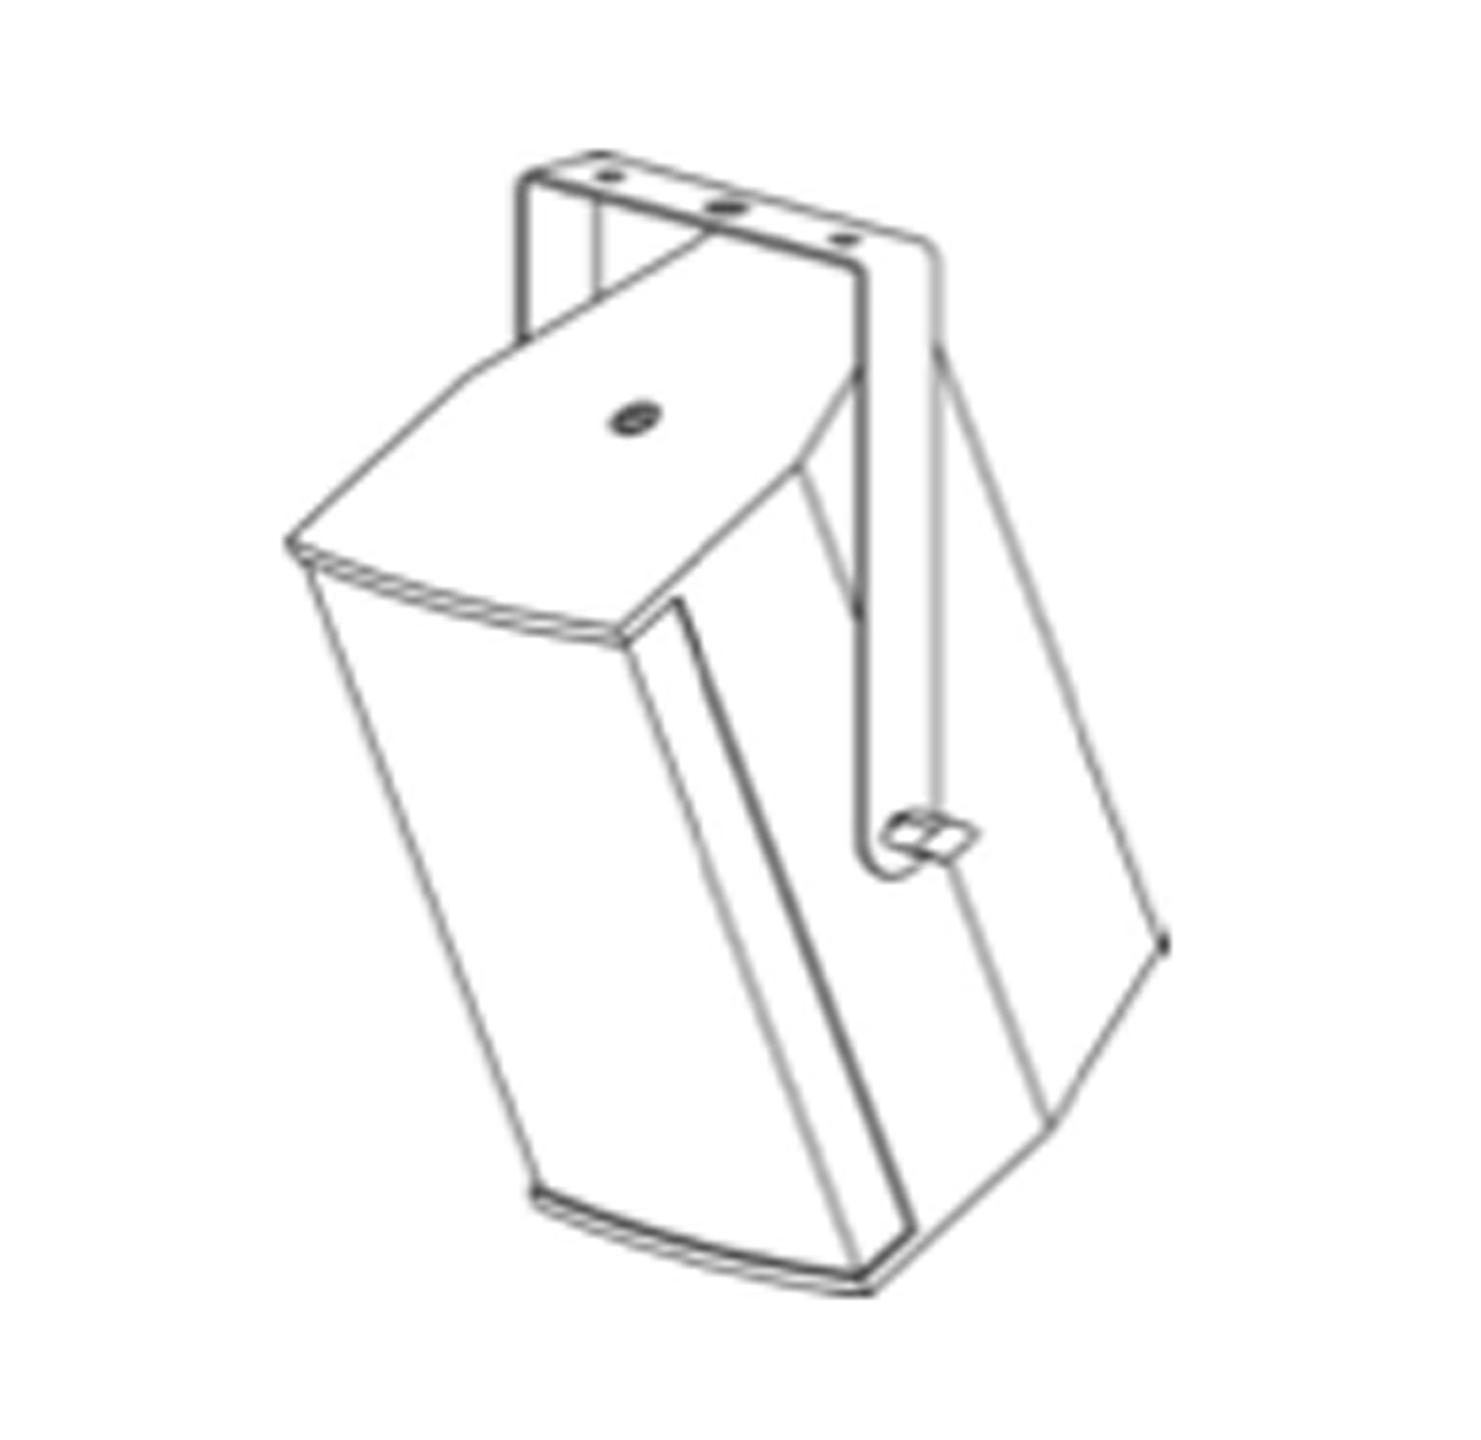 EM Acoustics EMS-51 - Vertical Hanging Bracket